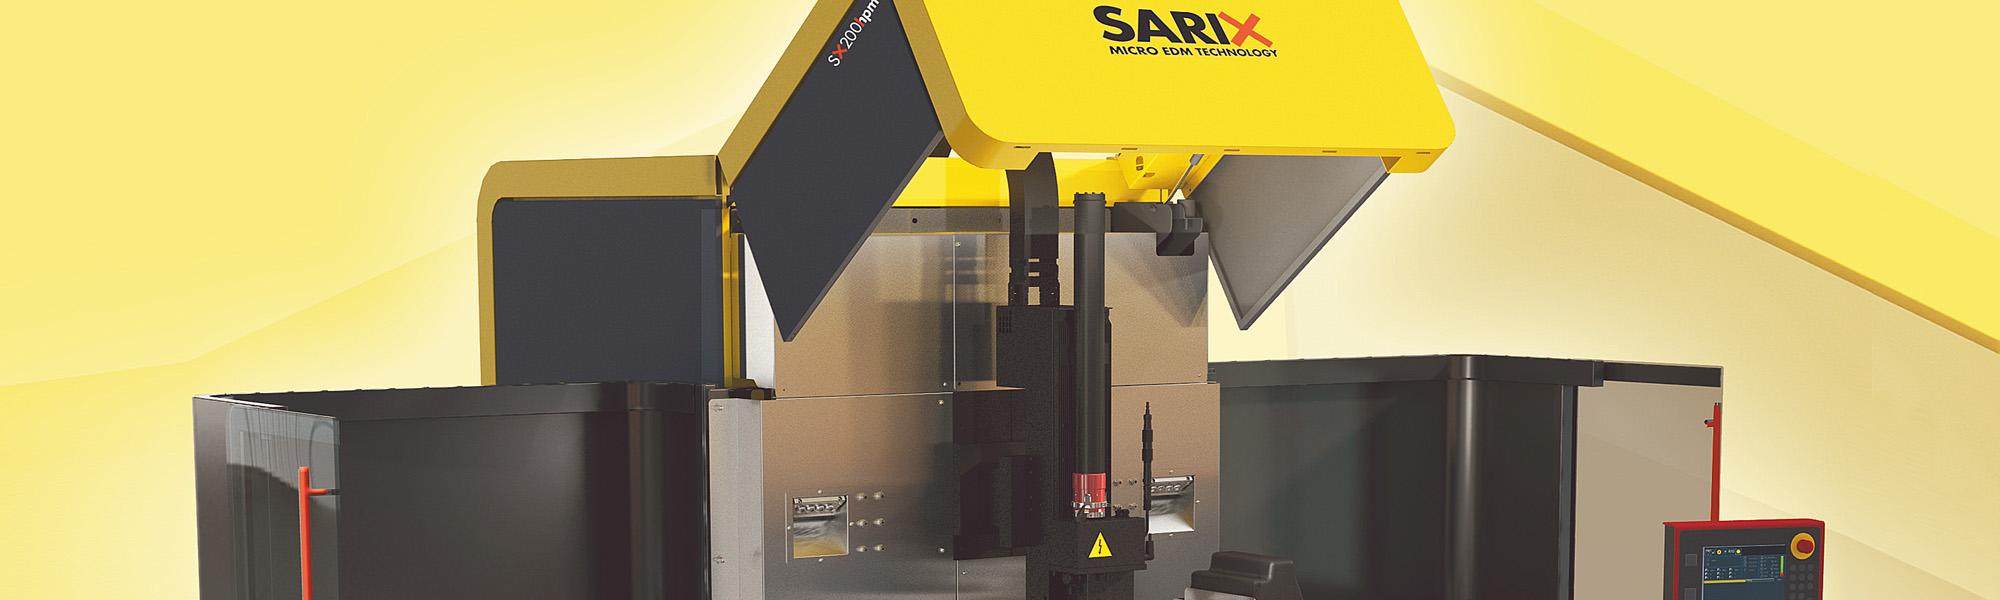 Sarix_SX200hpm